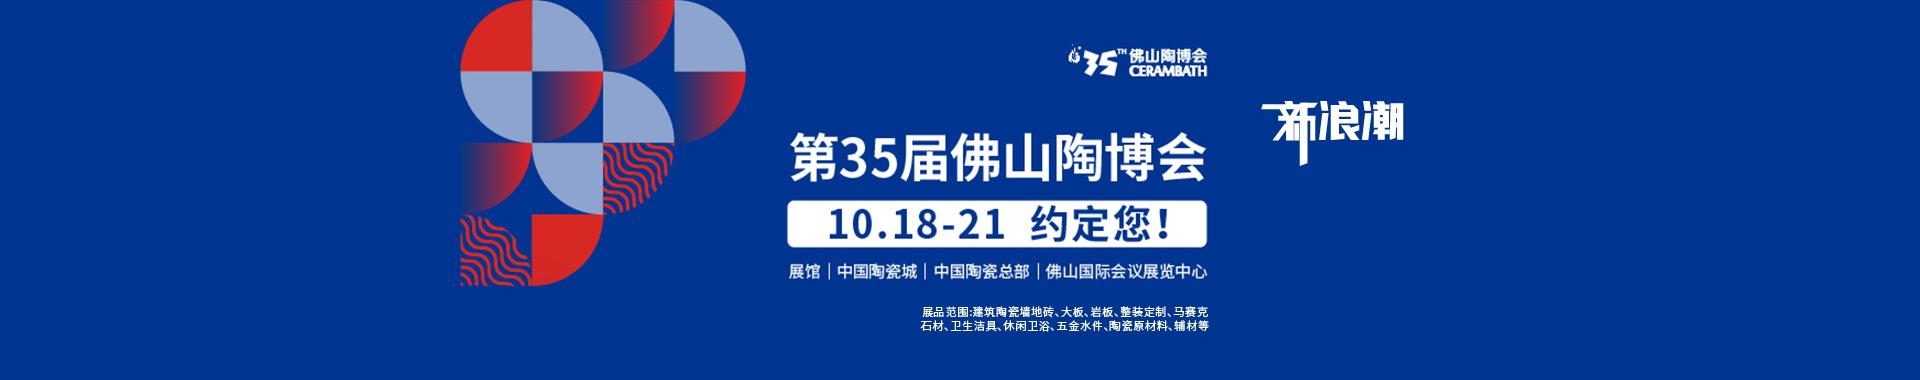 第35届佛山陶博会-中国陶瓷网